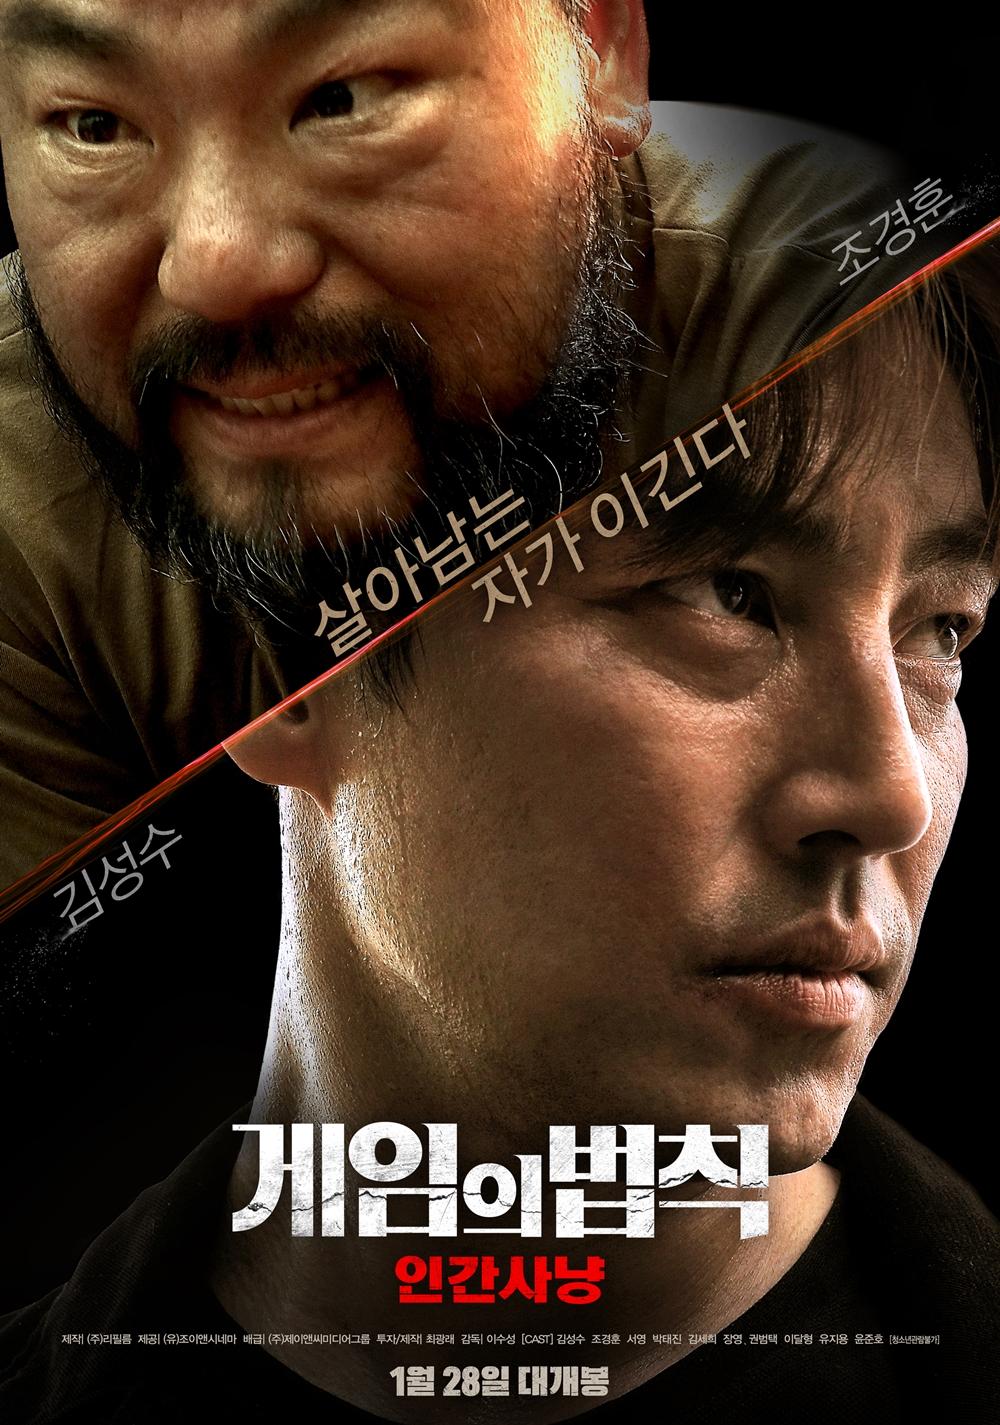 영화 '게임의 법칙: 인간사냥' 포스터. 사진 (주)제이앤씨미디어그룹